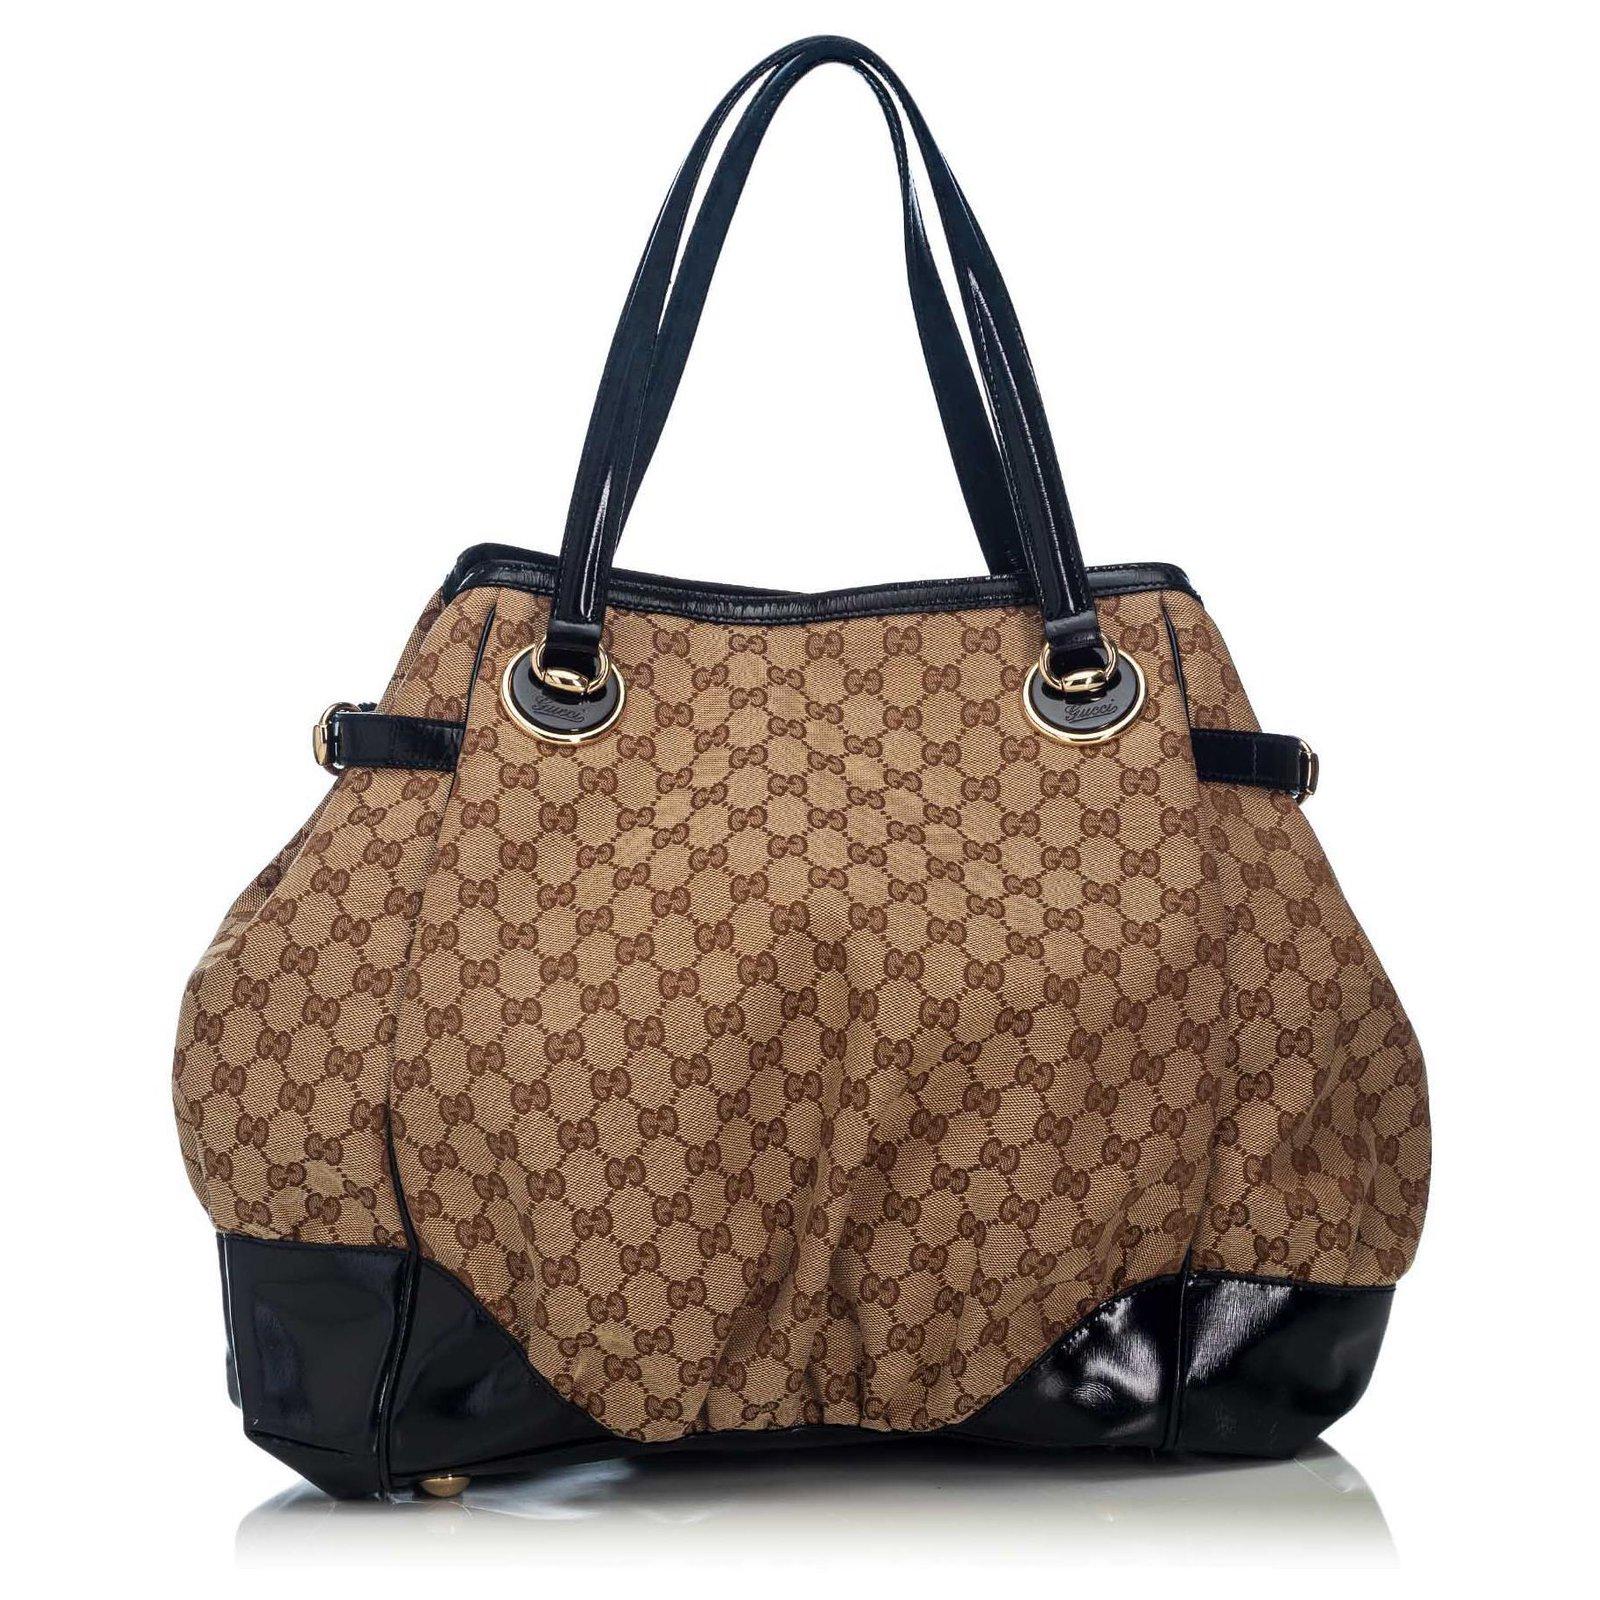 e37fbf2e9a8 Gucci Gucci Brown GG Full Moon Tote Bag Totes Leather